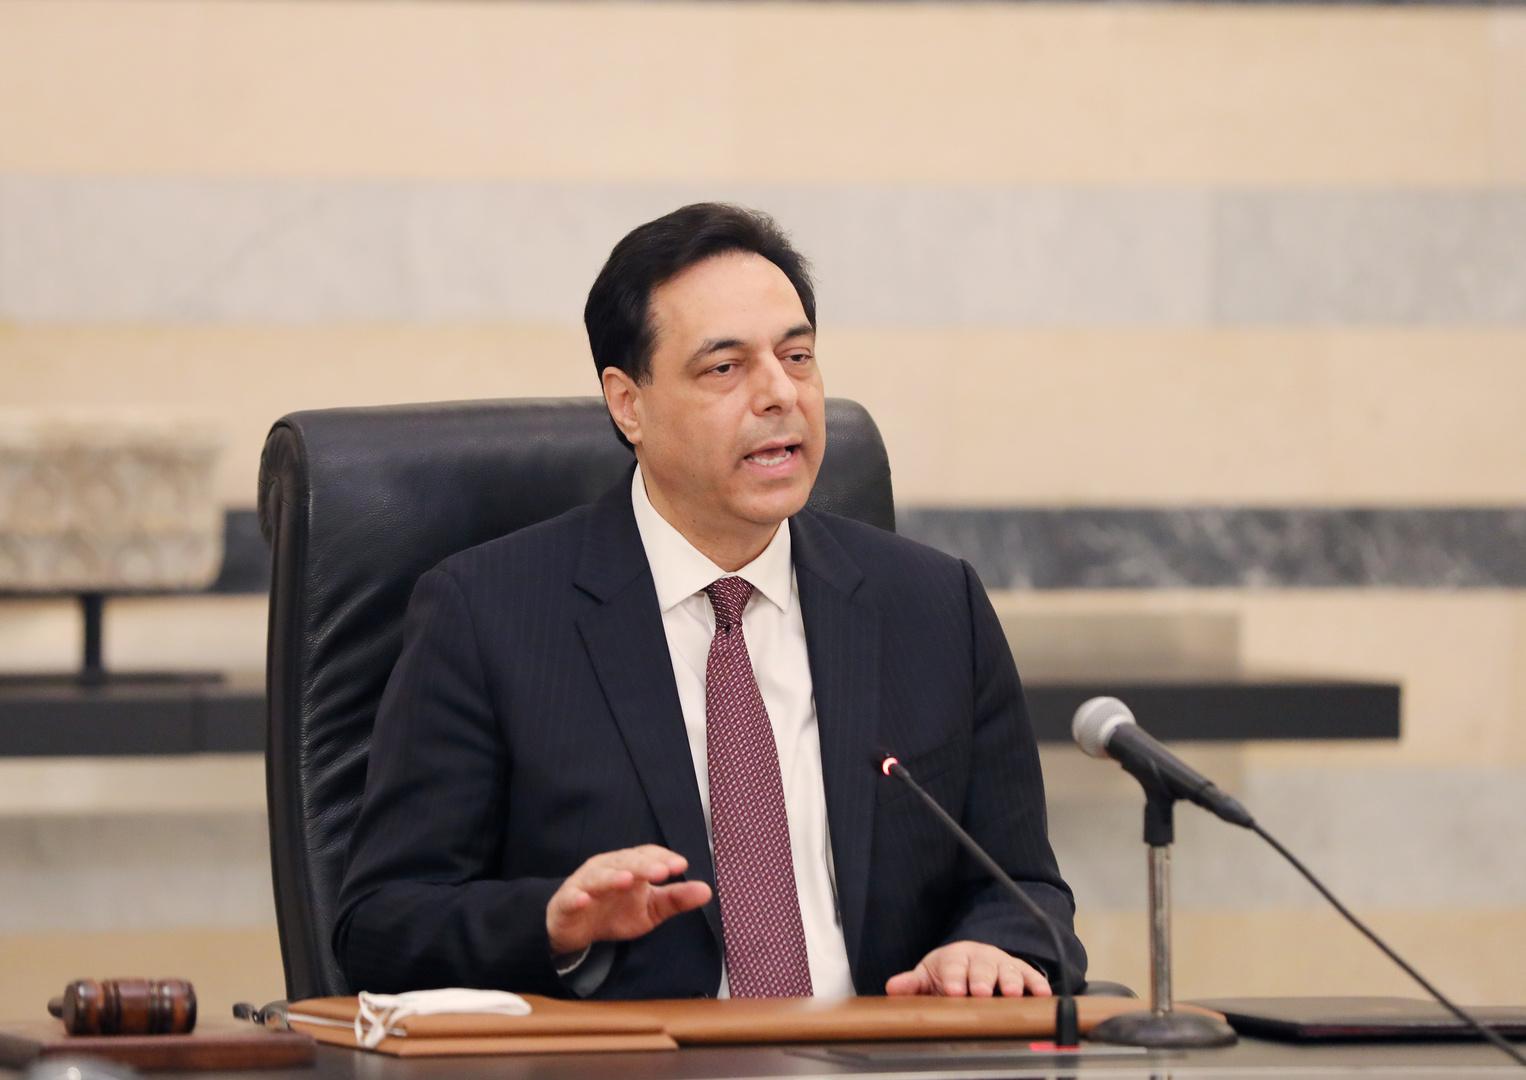 دياب يؤكد أن الحكومة لن تستقيل وهي تعمل بزخم